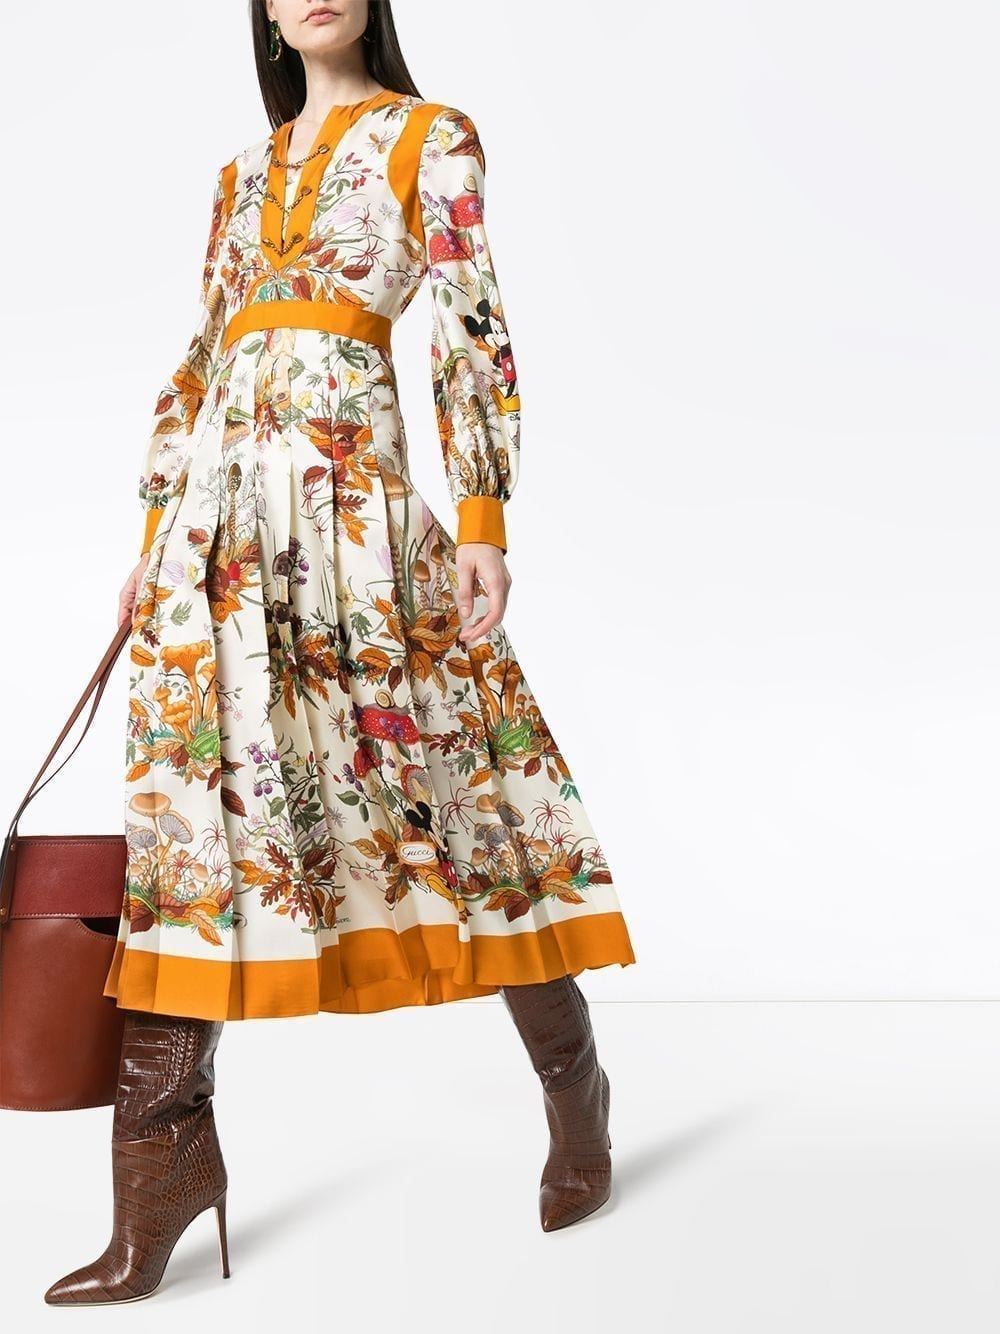 GUCCI X Disney Floral-print Midi Dress